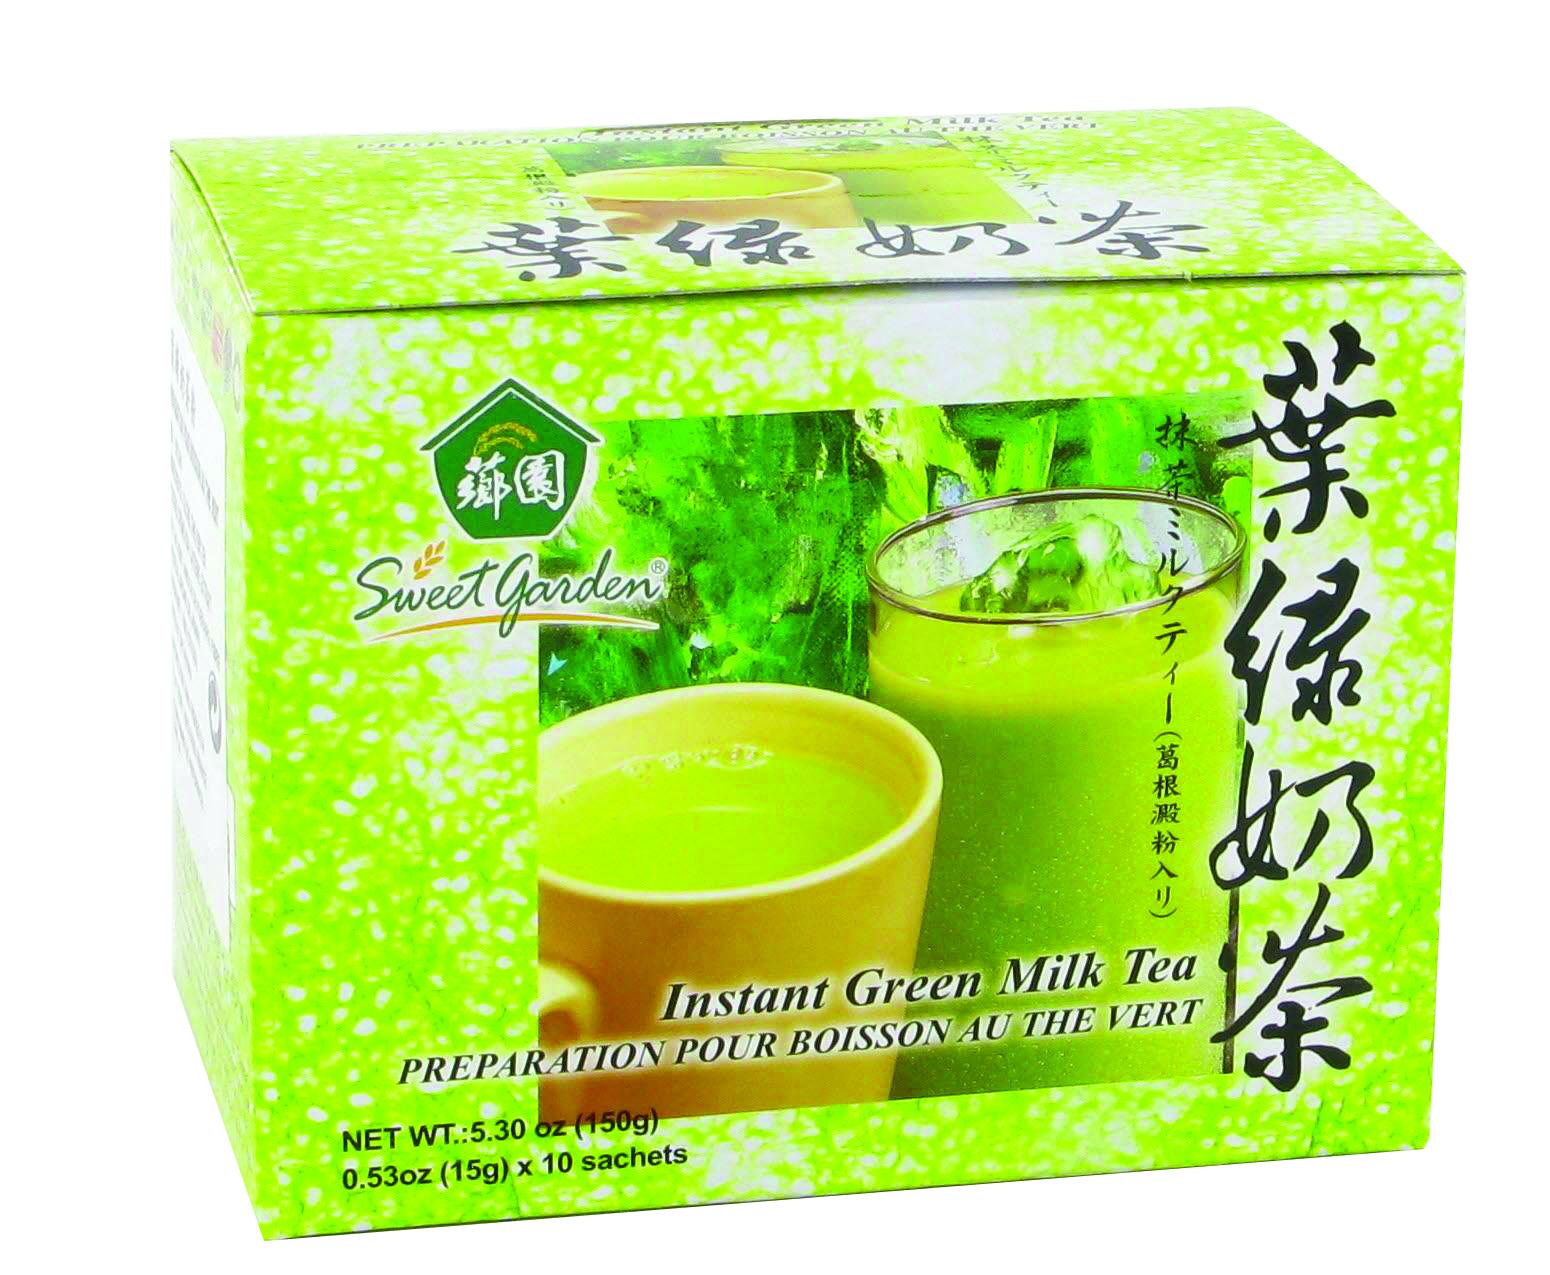 Préparation pour boisson au thé vert à base de lait,  Sweet Garden (10 x 15 g)